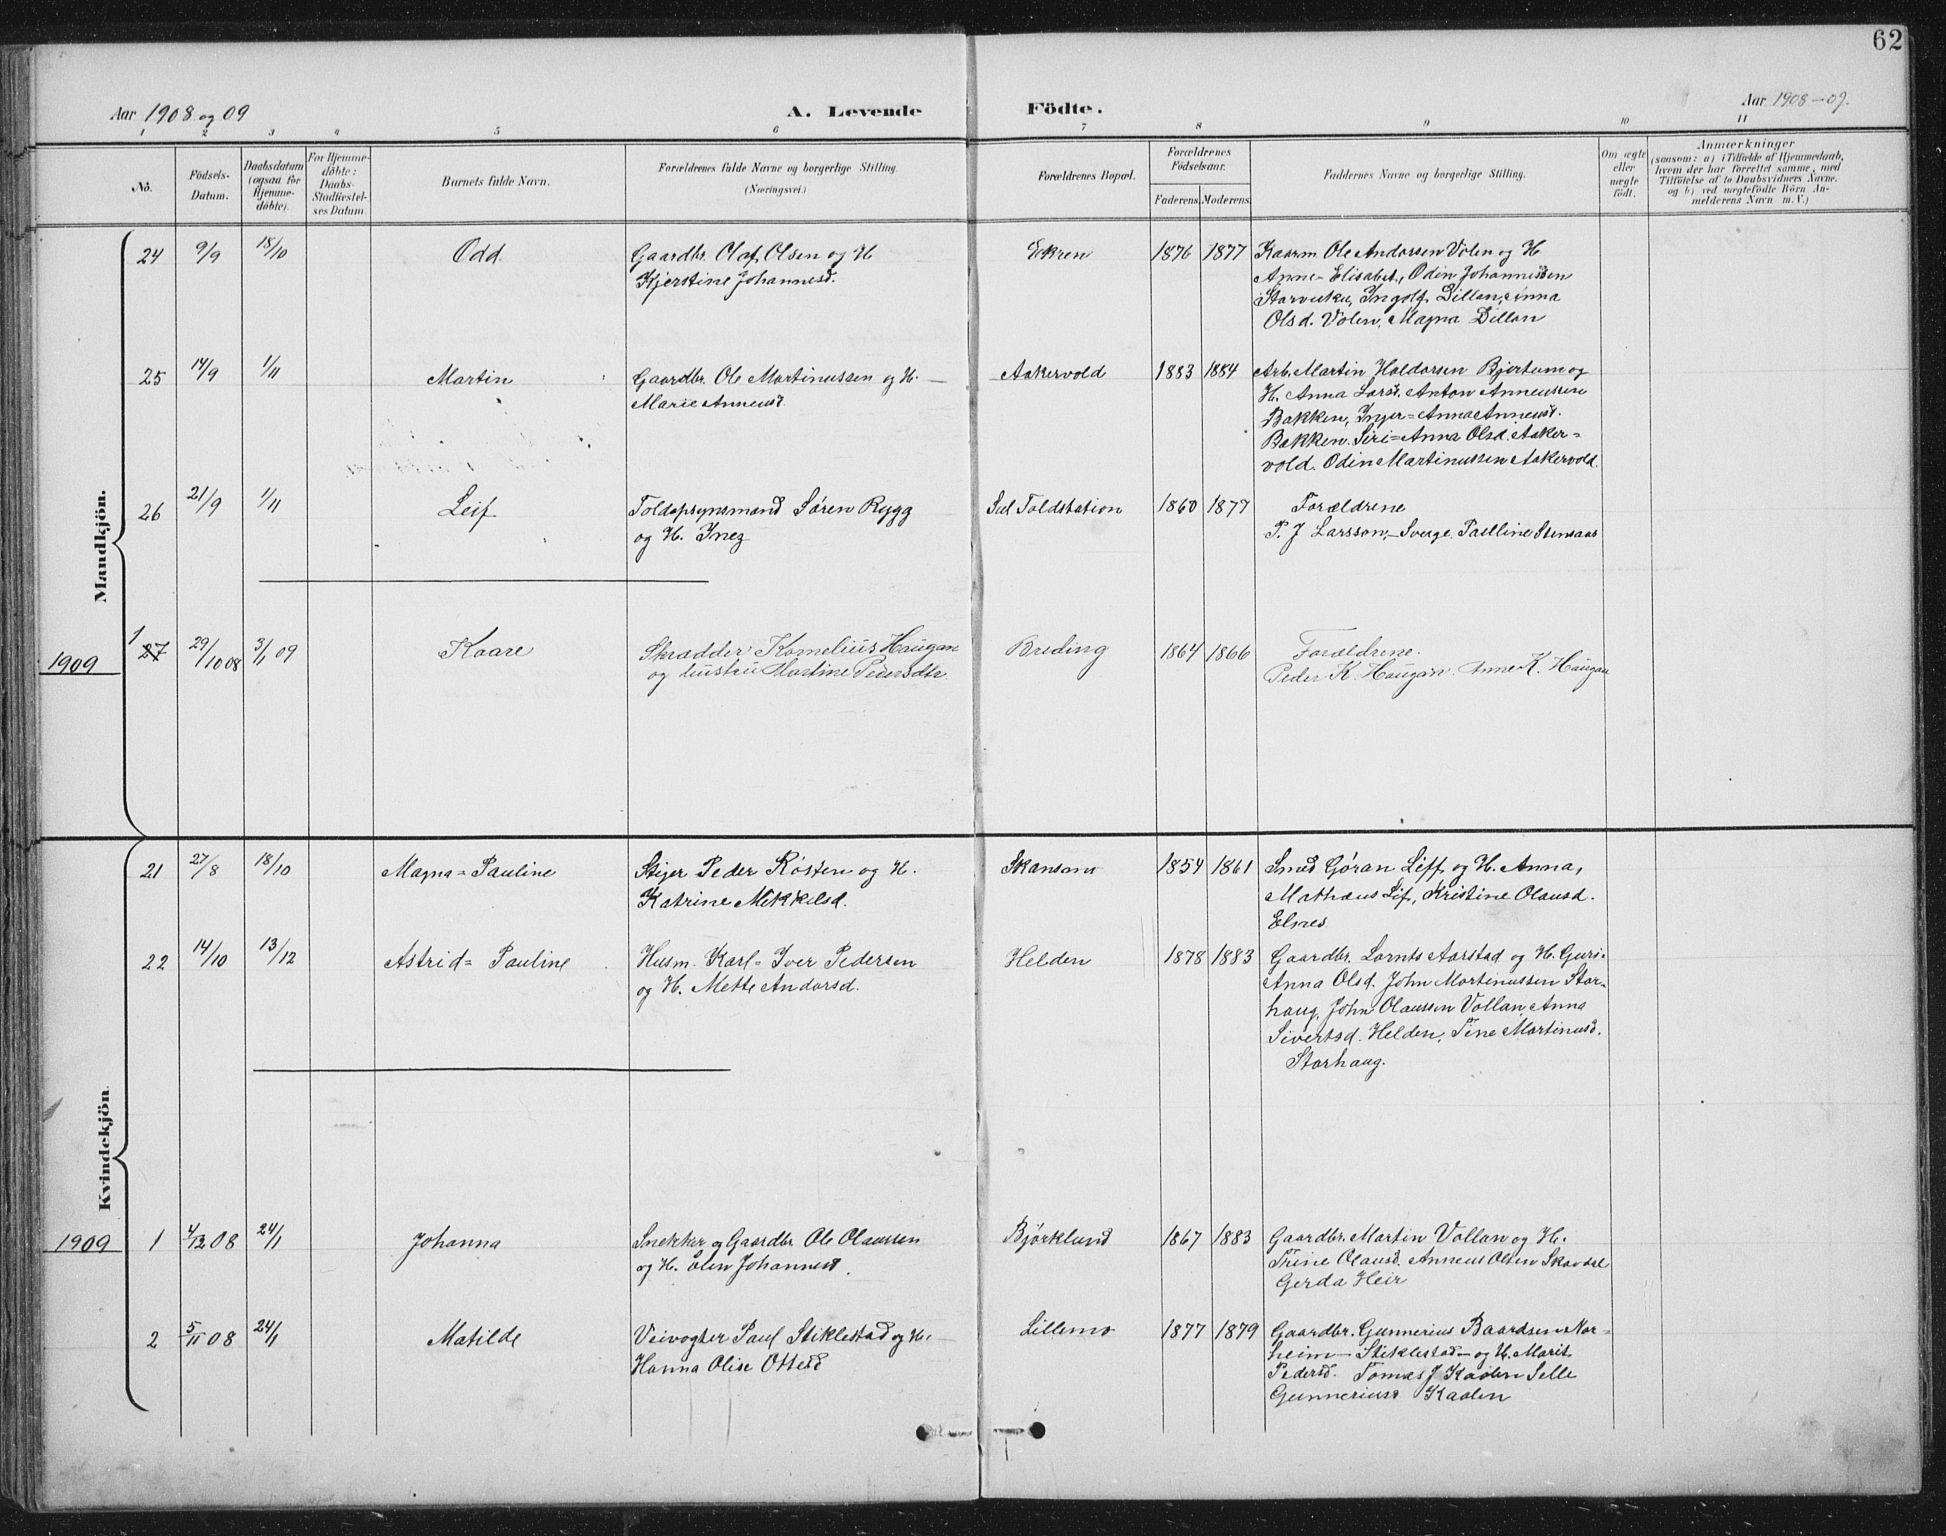 SAT, Ministerialprotokoller, klokkerbøker og fødselsregistre - Nord-Trøndelag, 724/L0269: Klokkerbok nr. 724C05, 1899-1920, s. 62